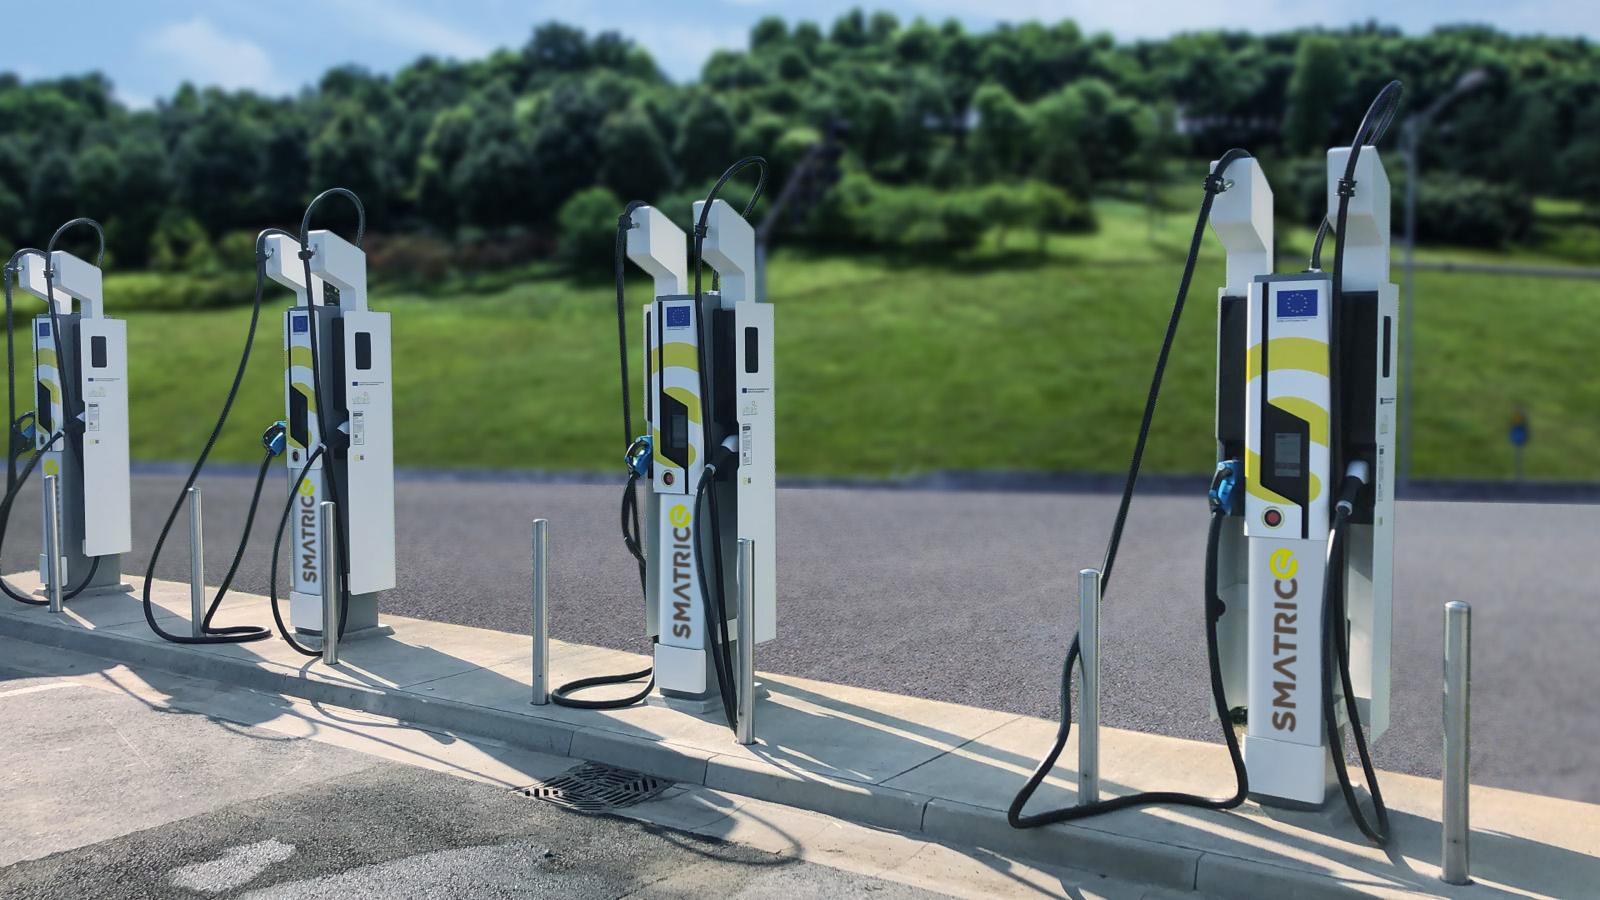 Lademöglichkeiten für E-Autos und E-Bikes gefragt